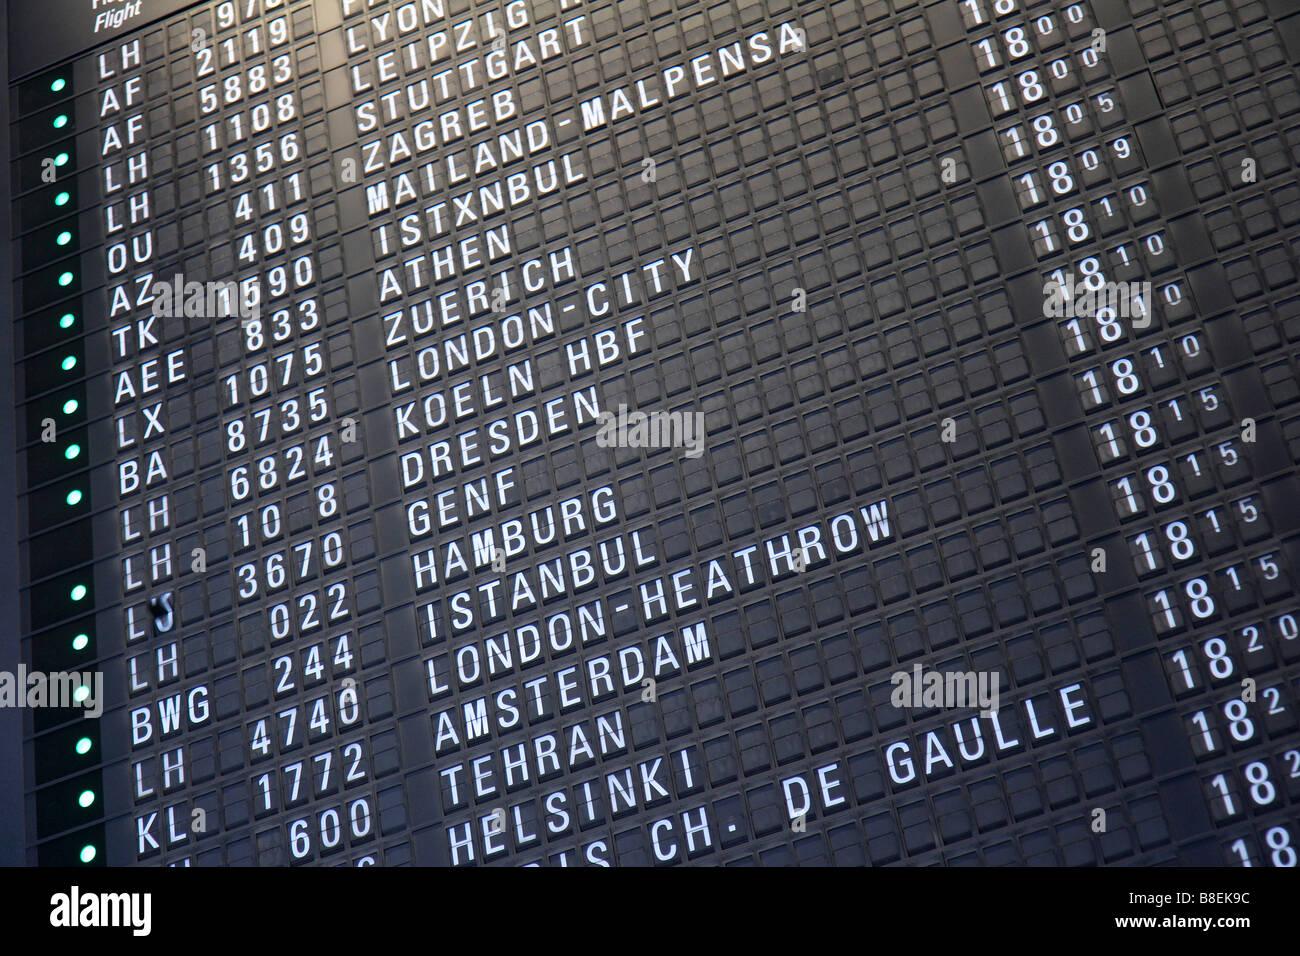 Ankunftszeiten Frankfurter Flughafen